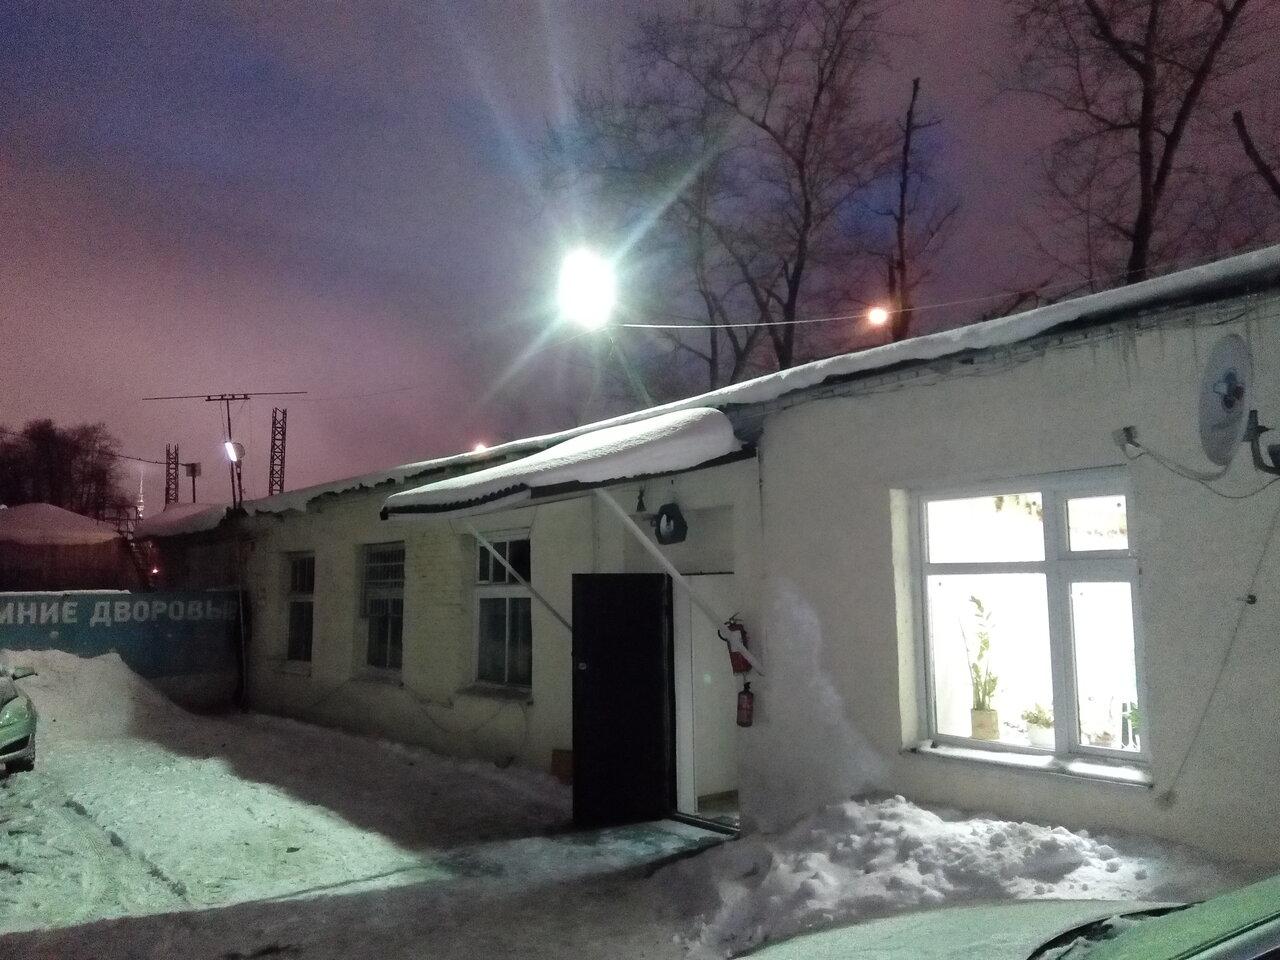 Автосалон г москва пр мира 222 купить авто автоломбард г москва